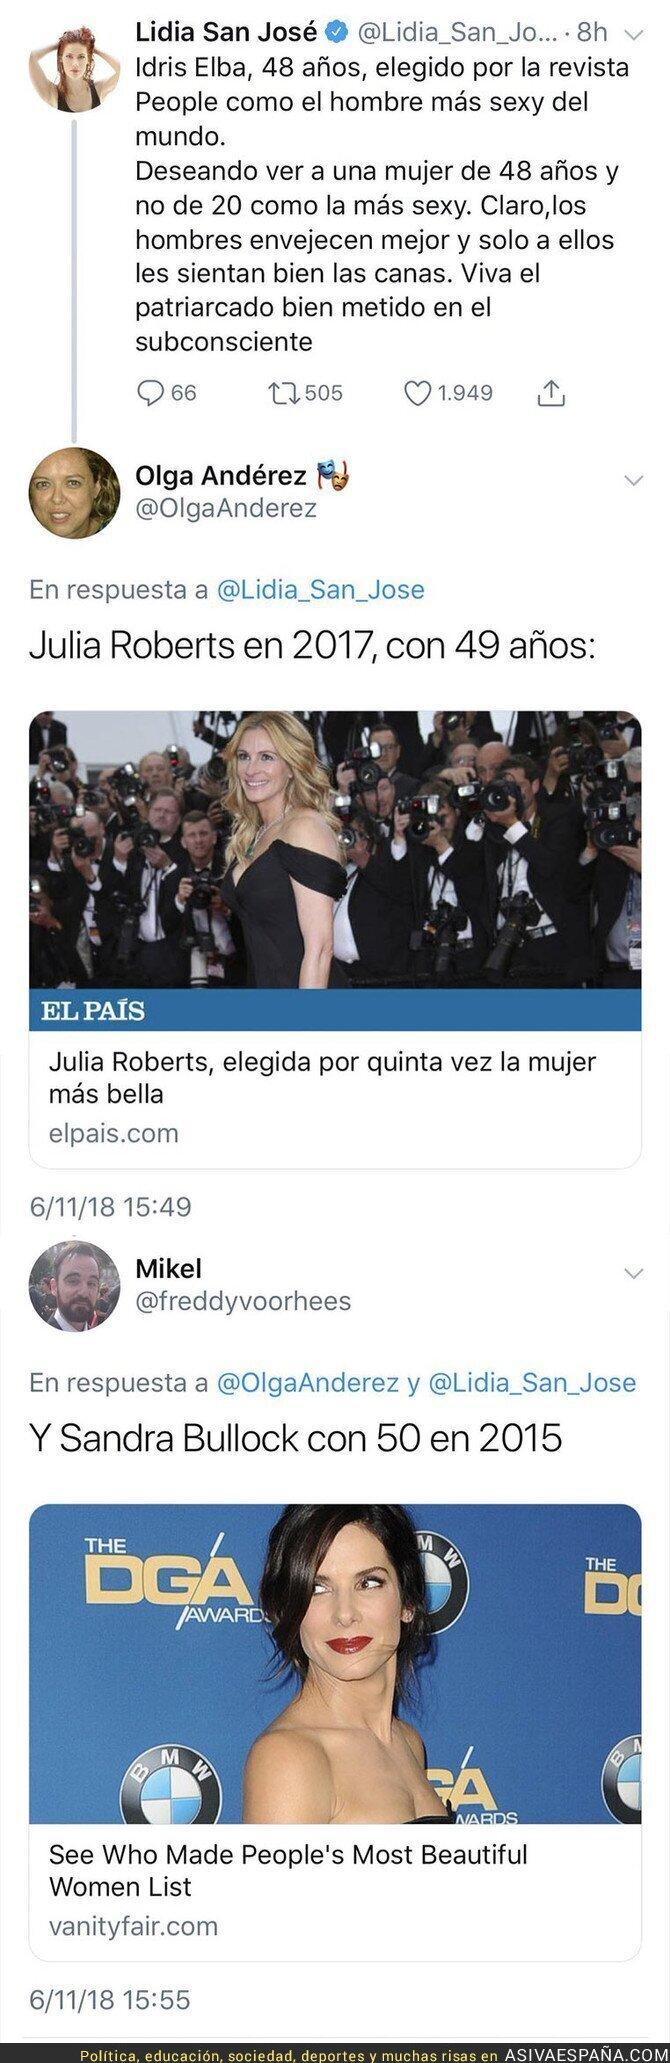 97312 - La actriz Lidia San José se escandaliza por la elección del hombre más sexy del mundo por su edad y hace una comparativa con mujeres